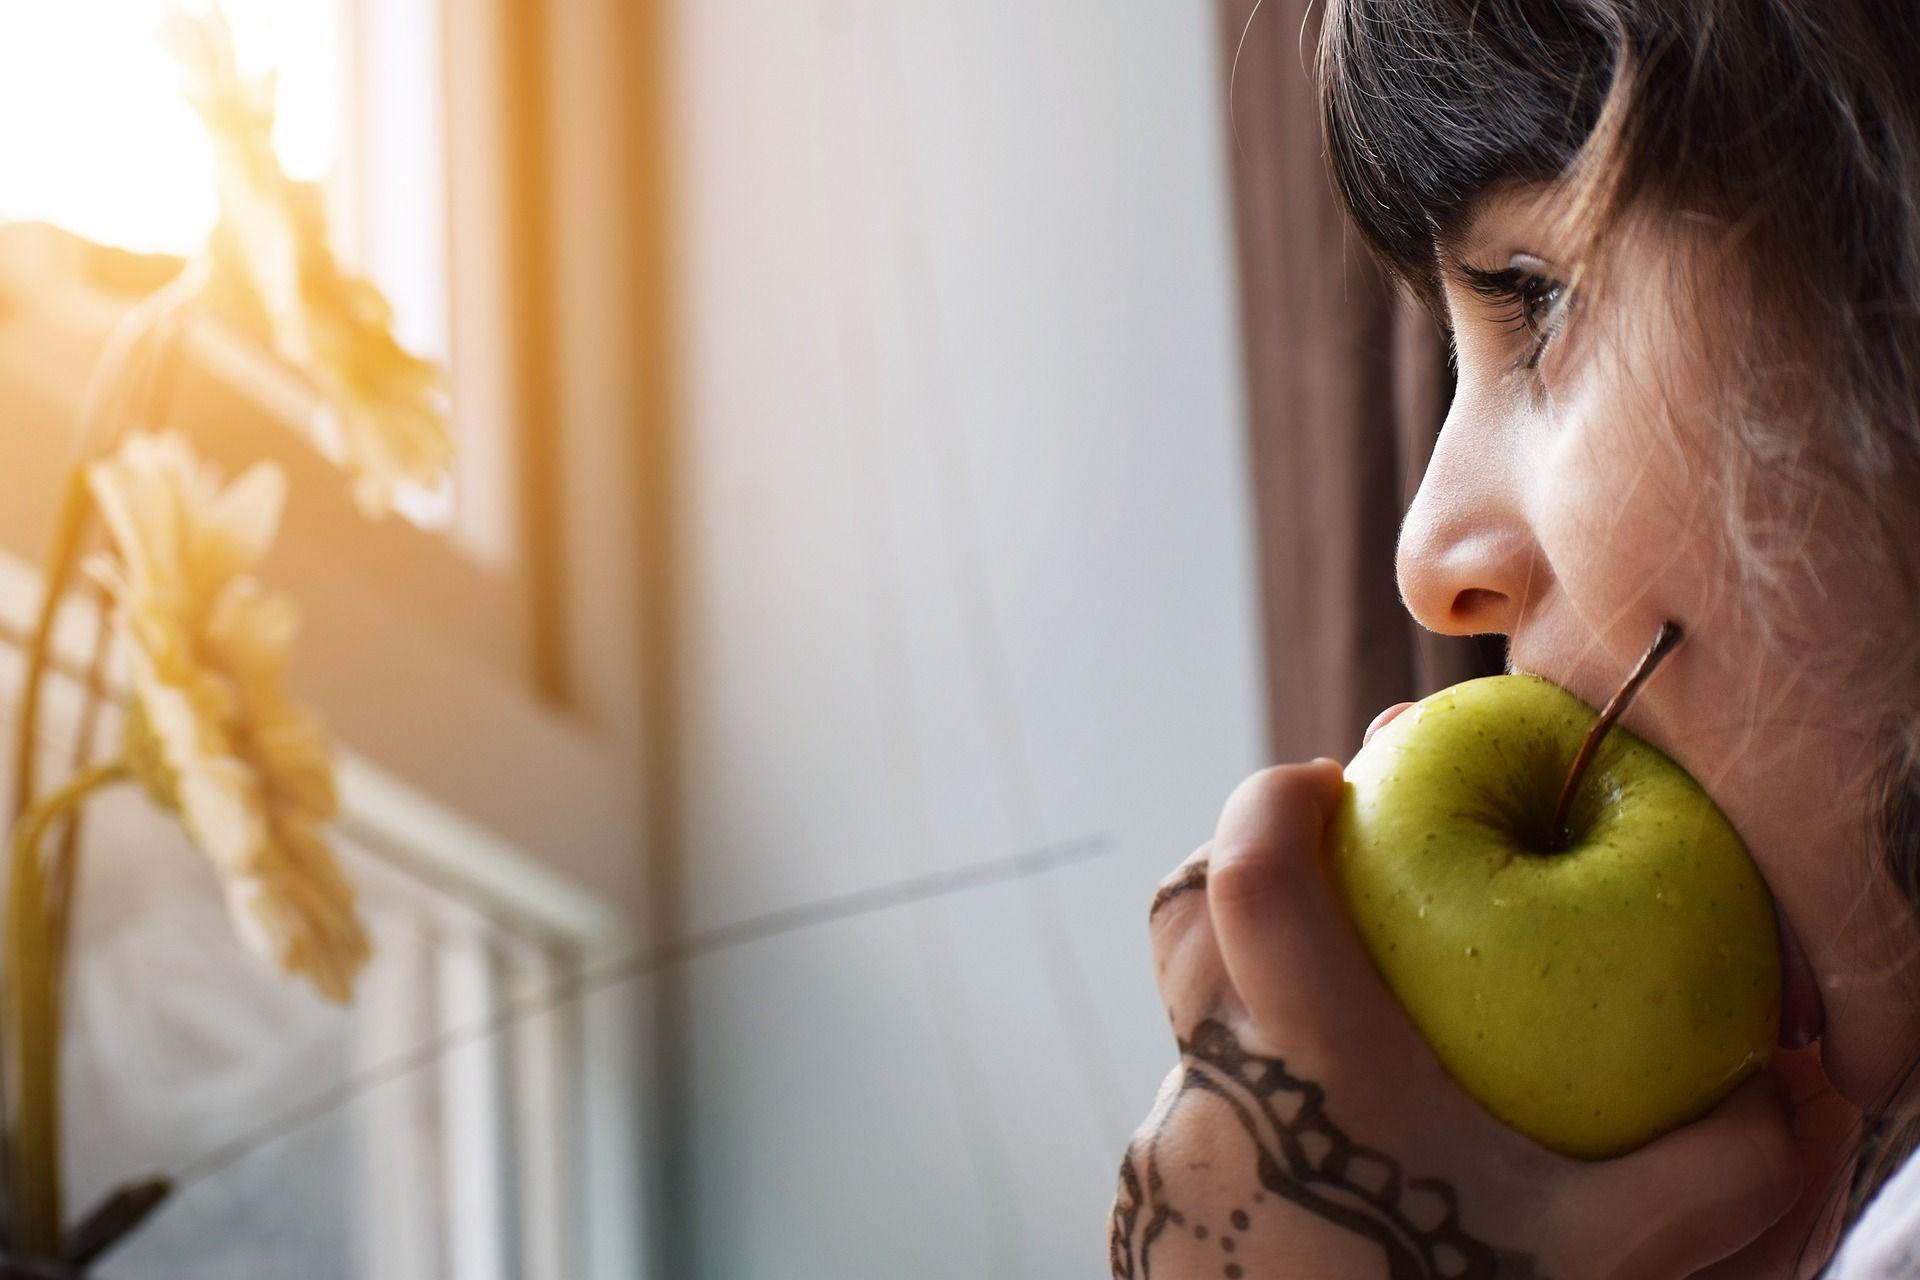 Chica joven comiendo manzana tras quitarse los alineadores invisalign. ¿Se puede comer con invisalign puesto? si